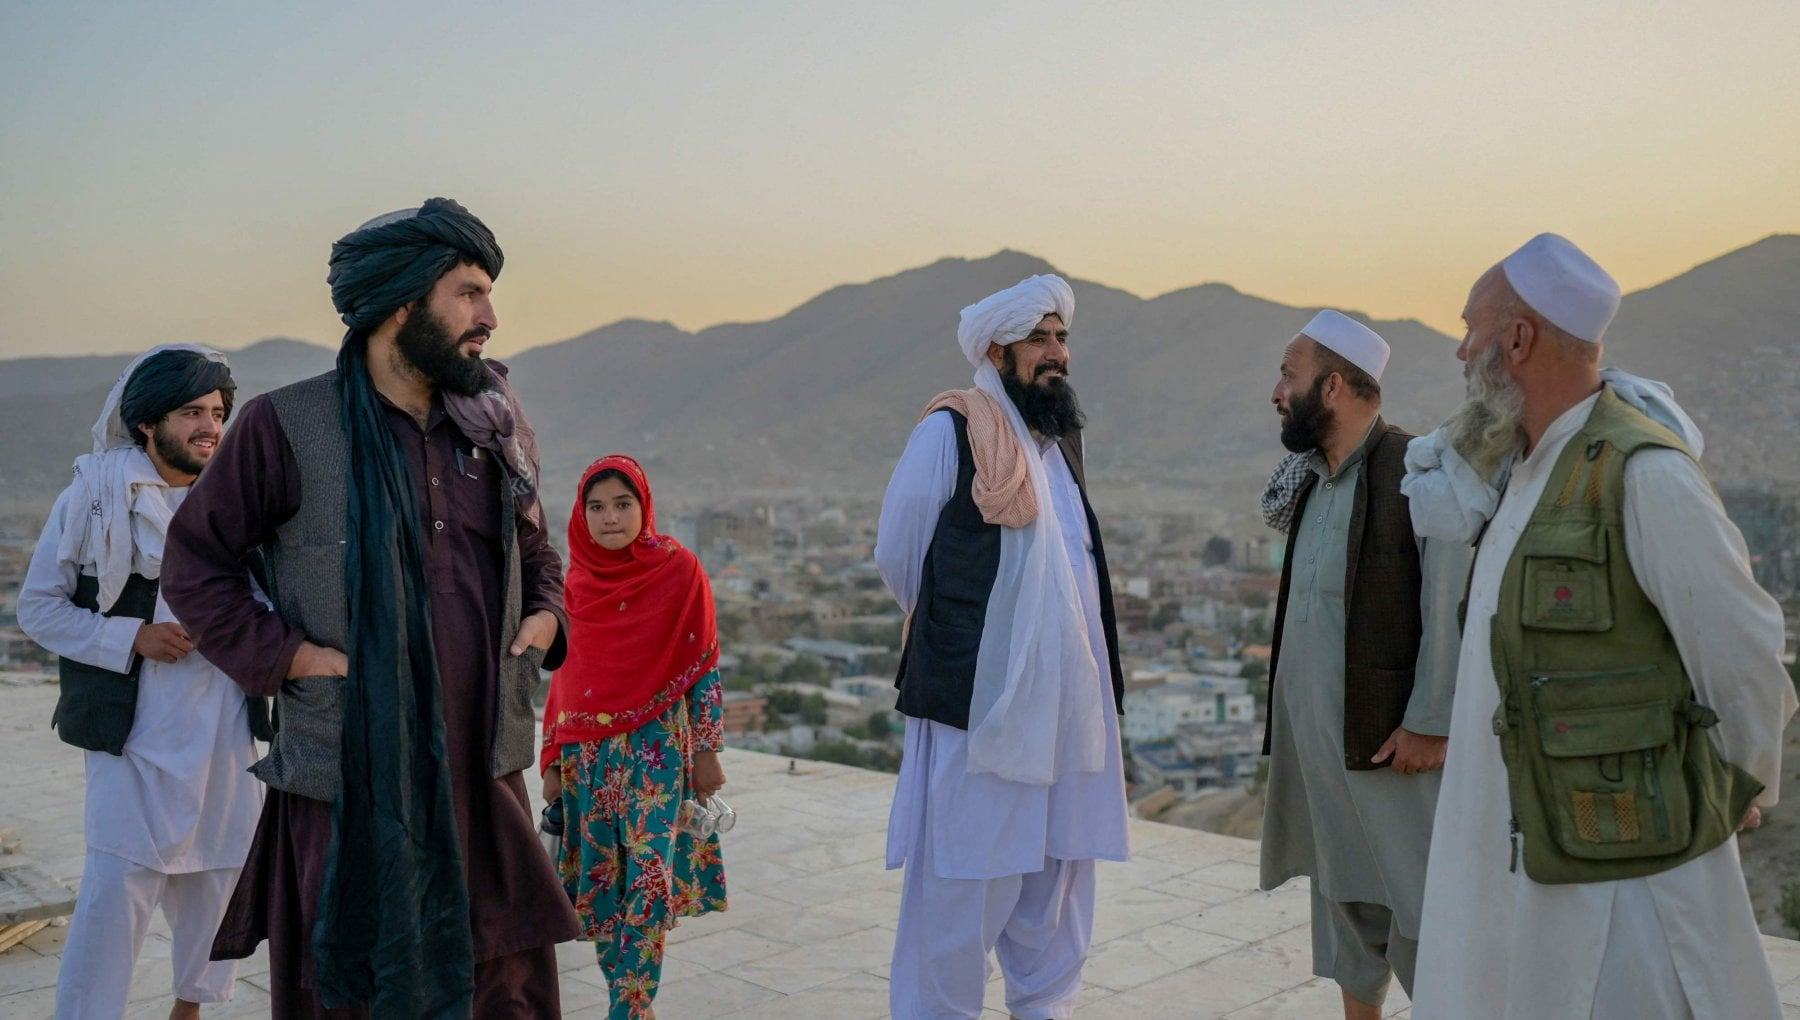 182708215 288bace5 9bdb 4d78 be6d 9e5899e5a0b9 - Diario da Kabul. Un muro di pietre contro gli omosessuali